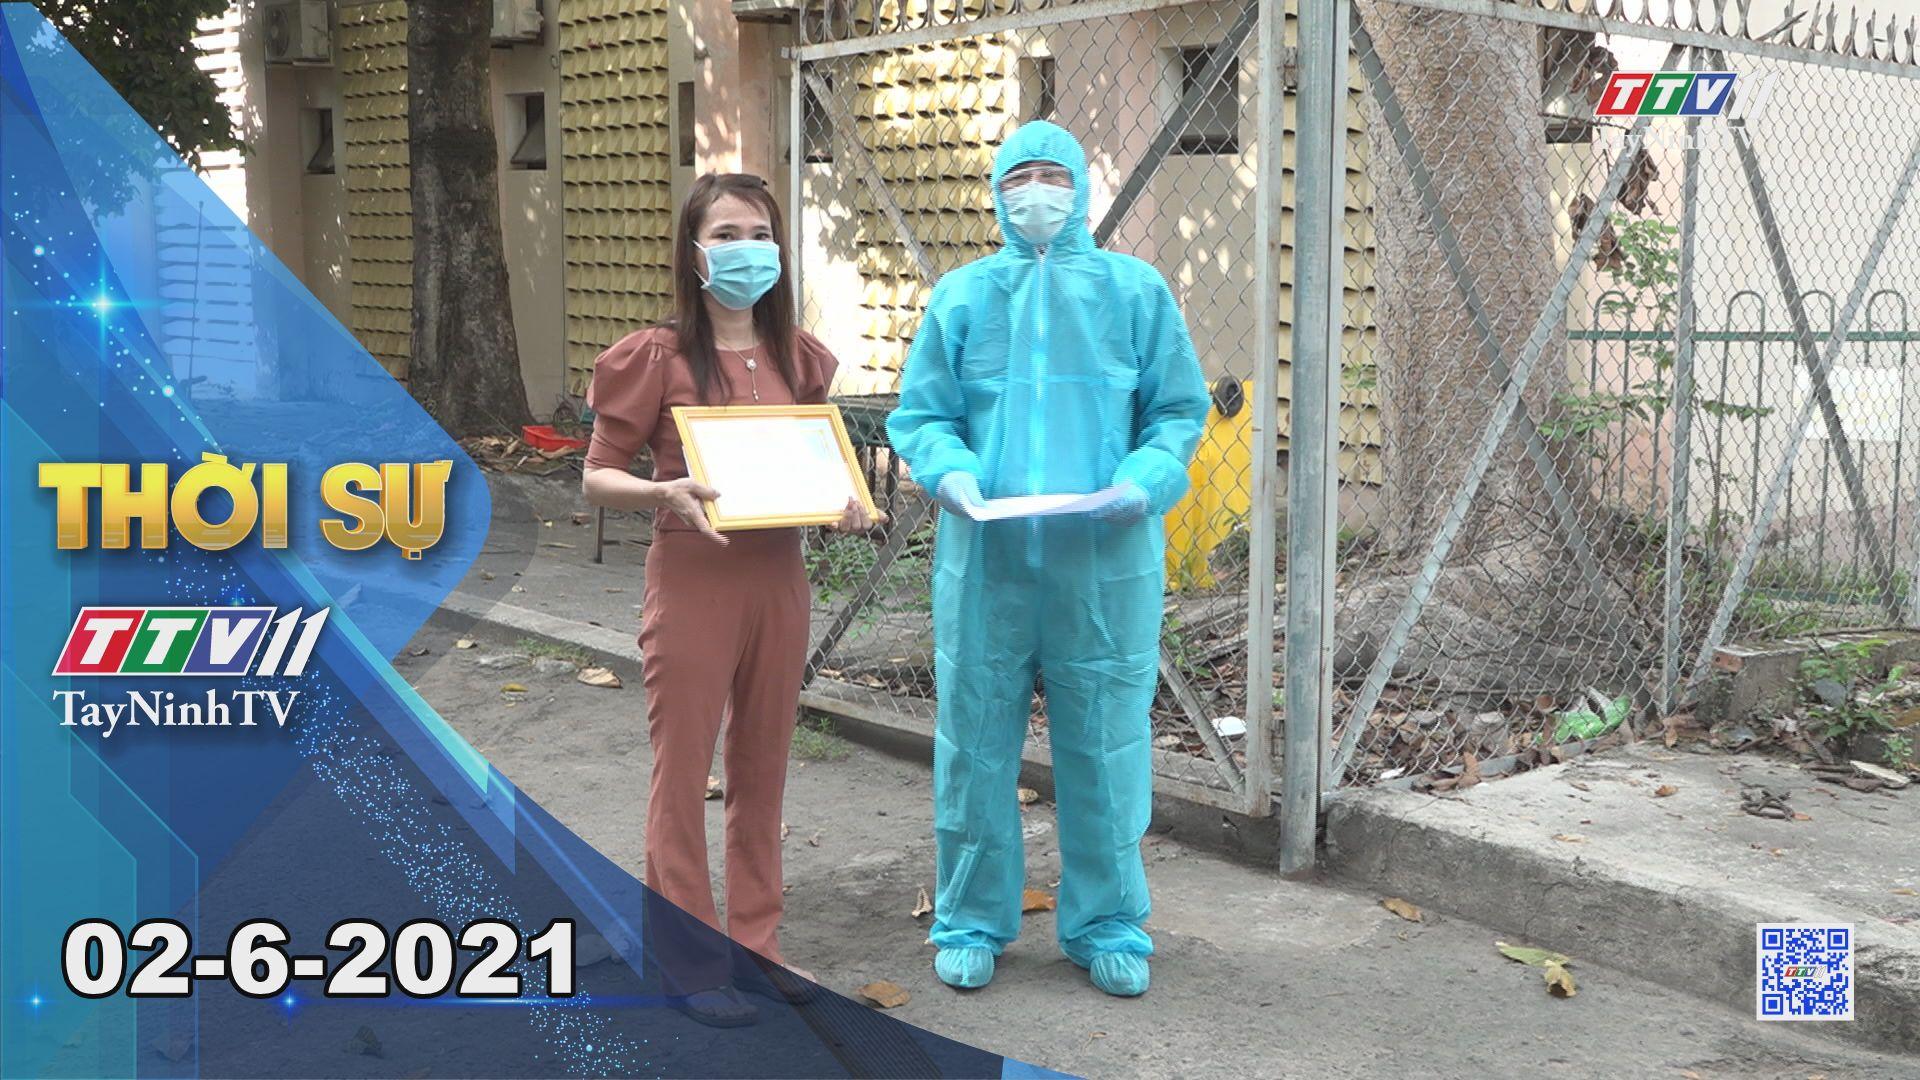 Thời sự Tây Ninh 02-6-2021 | Tin tức hôm nay | TayNinhTV